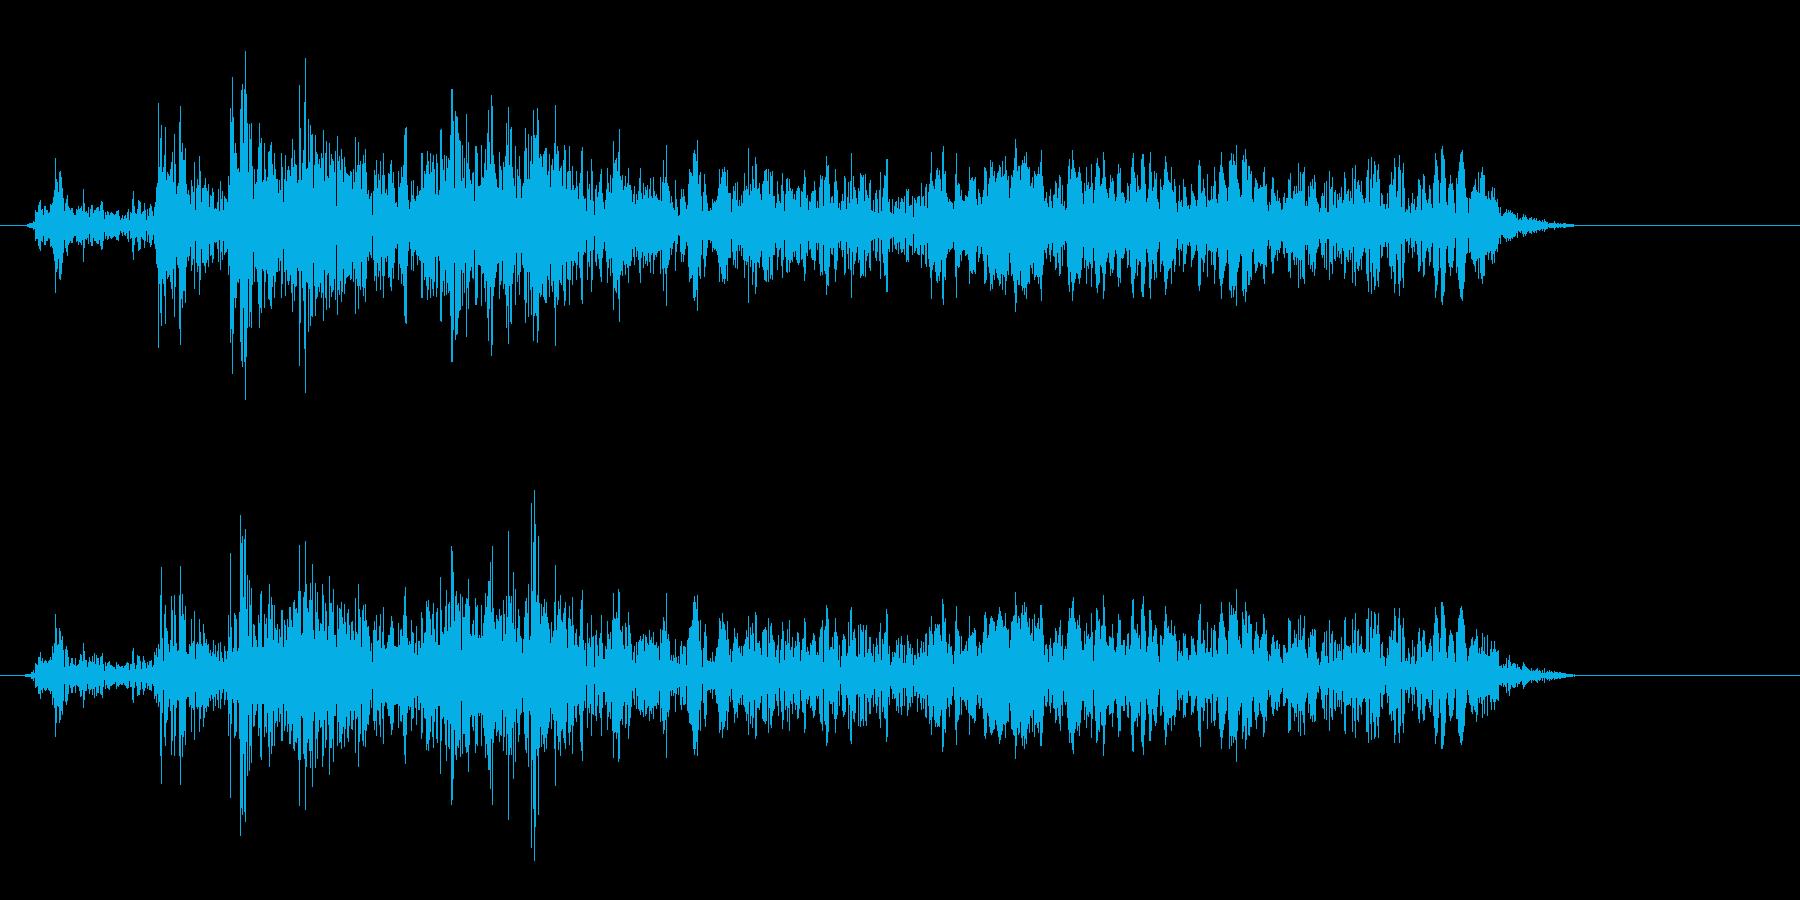 マシン作動音の効果音の再生済みの波形